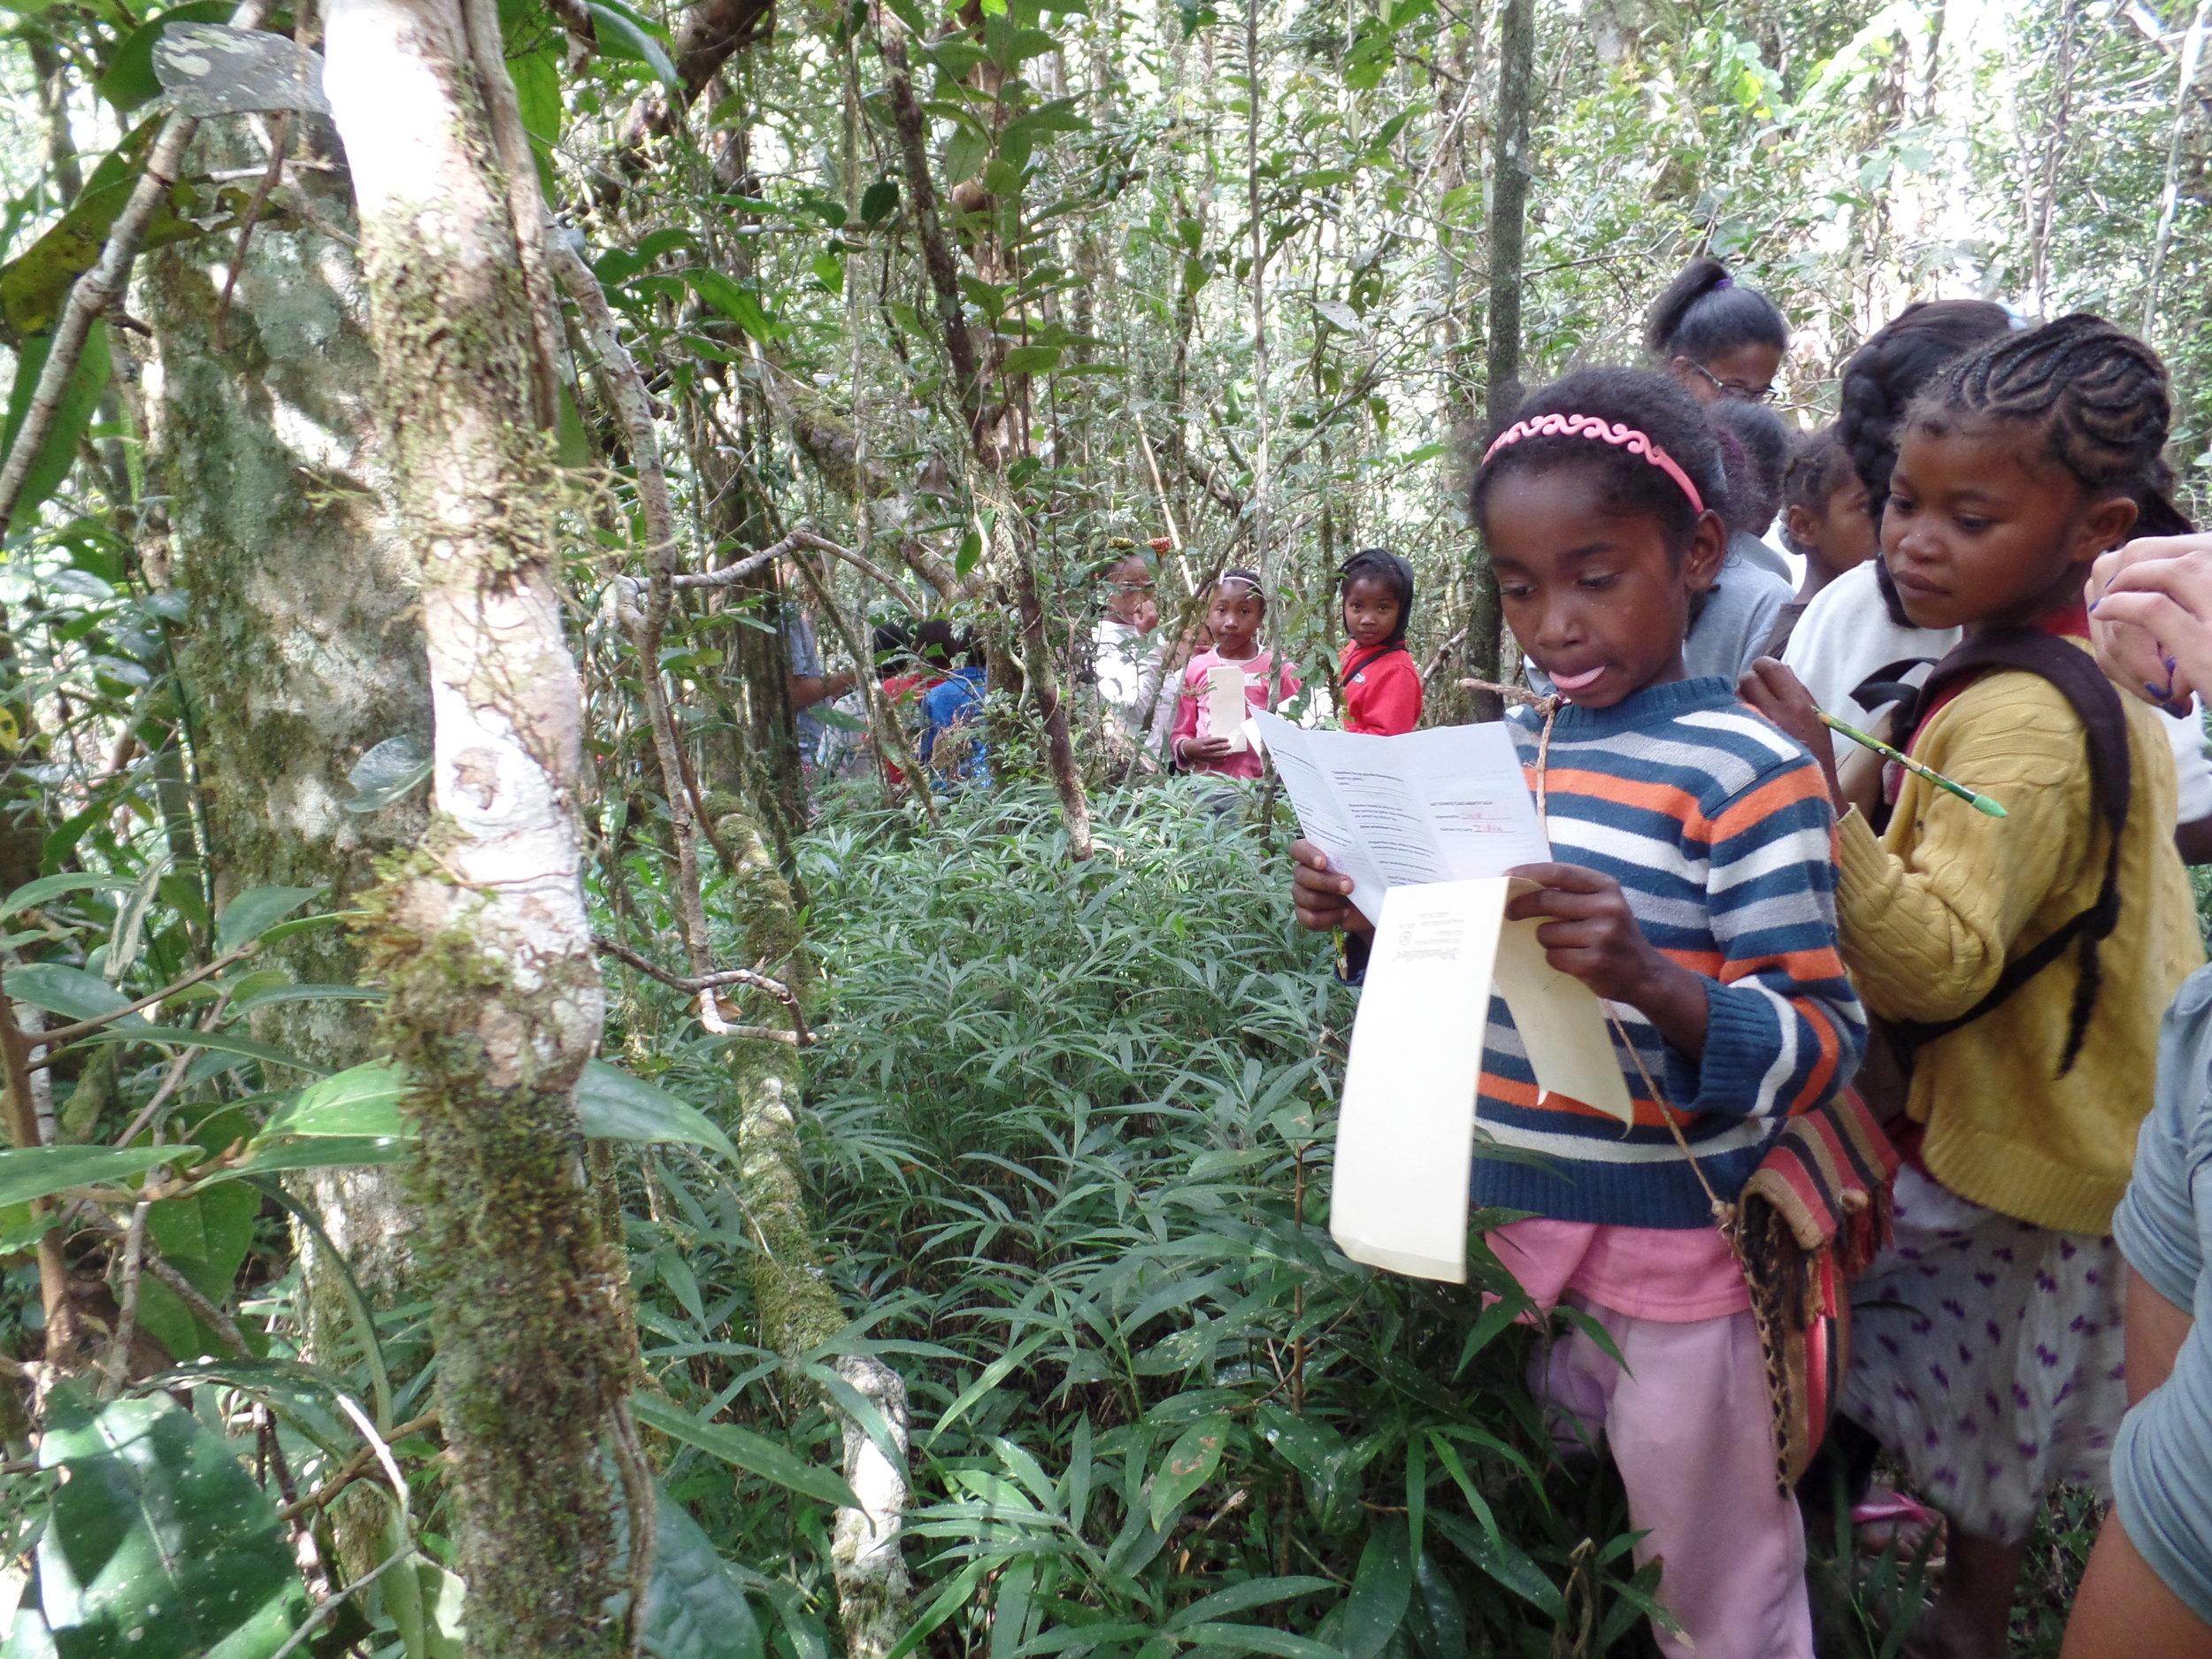 P.L.A.Y. Madagascar, Education